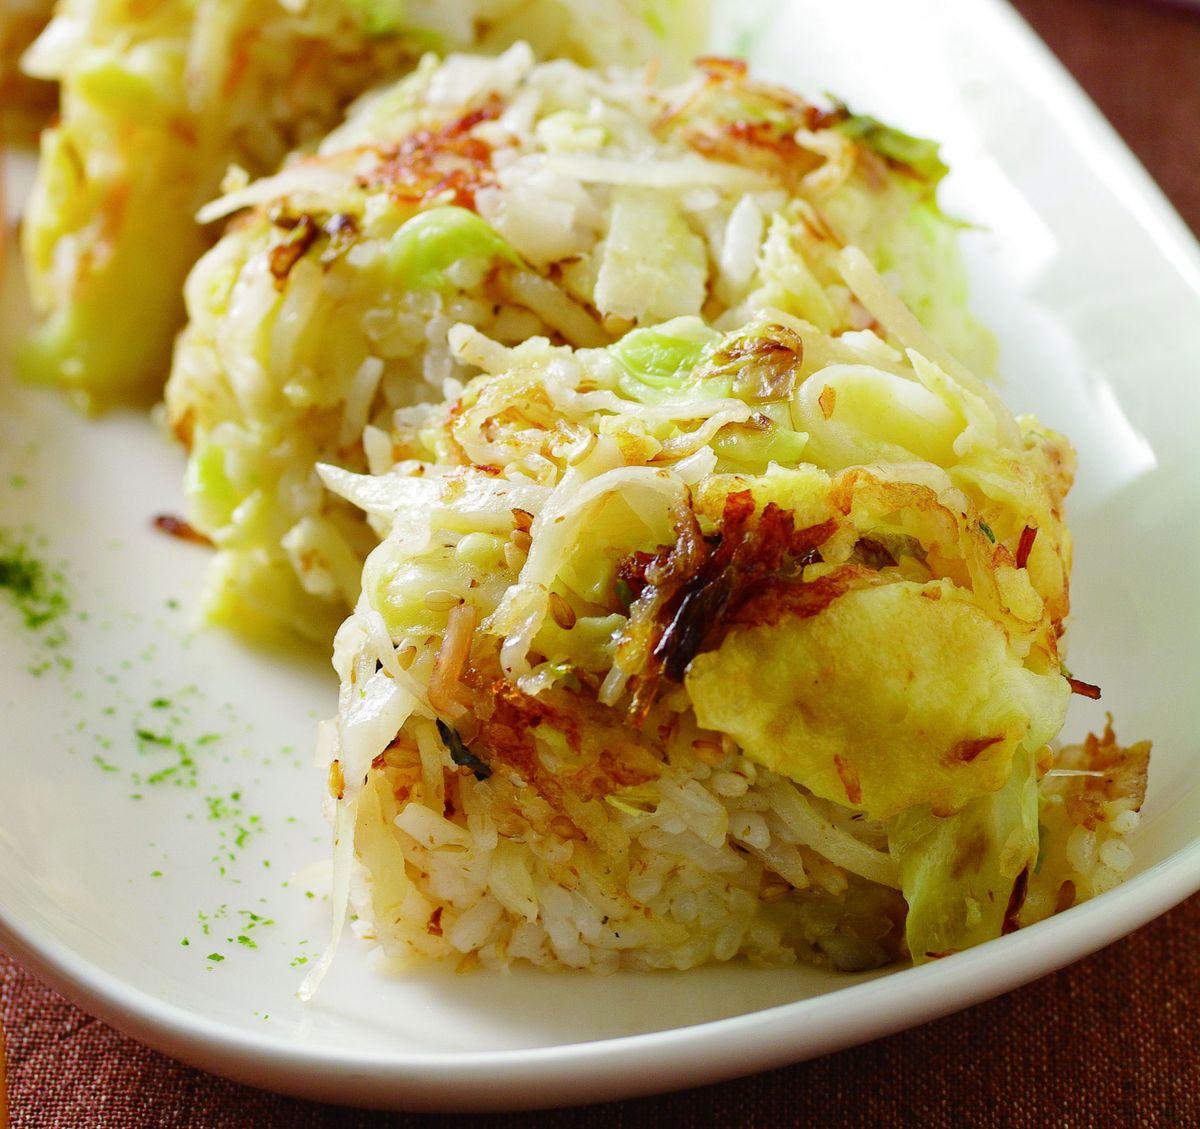 食譜:馬鈴薯蟹肉壽司卷